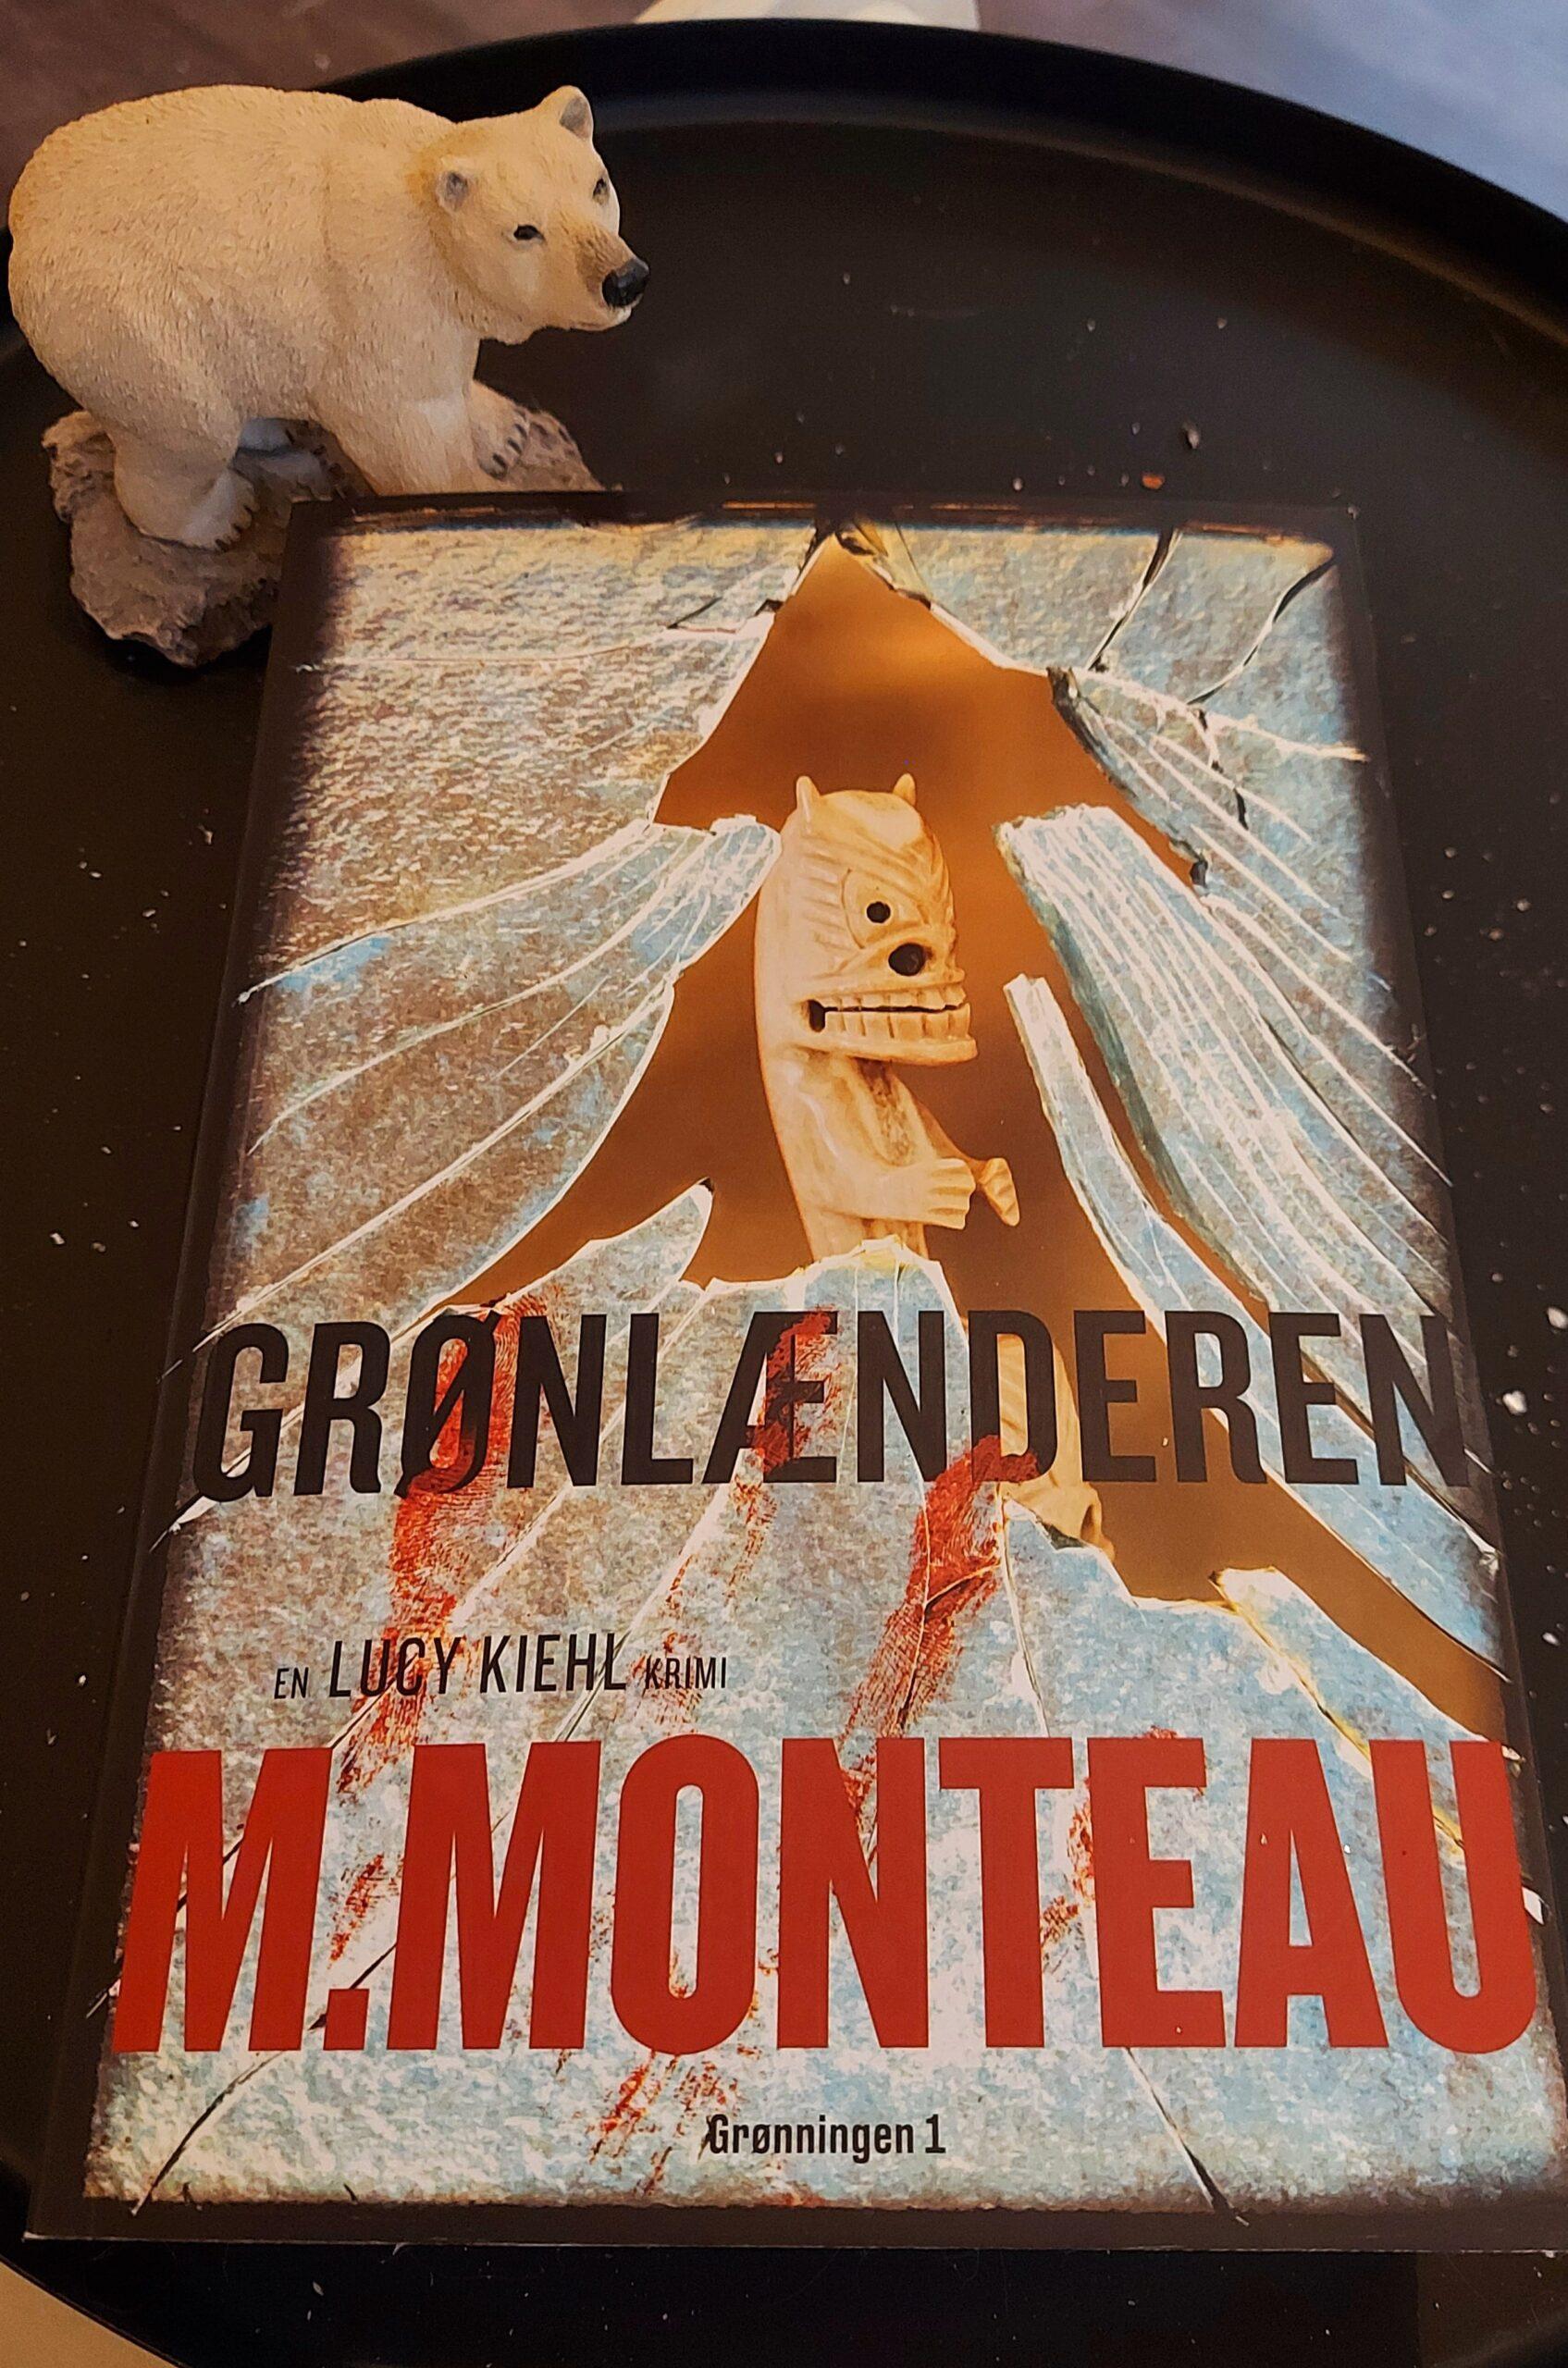 Grønlænderen af Marianne Monteau (Lucy Kiehl #4)